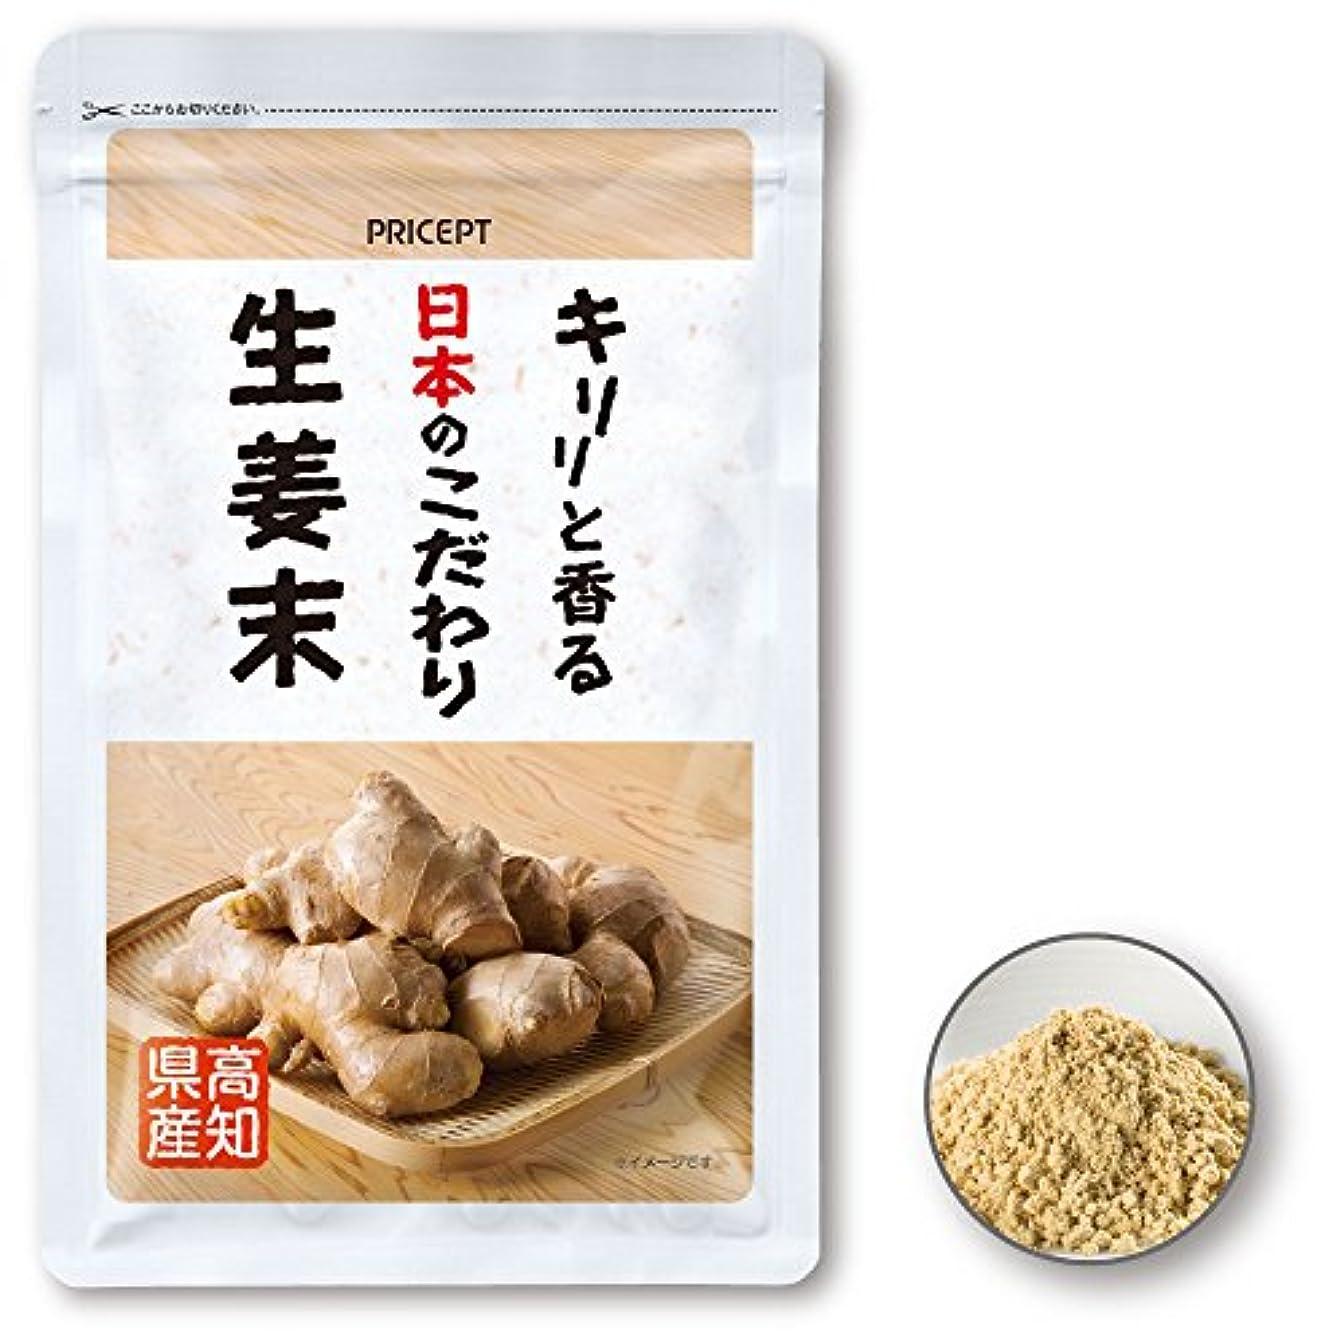 ただスクレーパー老人プリセプト キリリと香る日本のこだわり生姜末 50g(単品)(高知県産しょうが粉末)